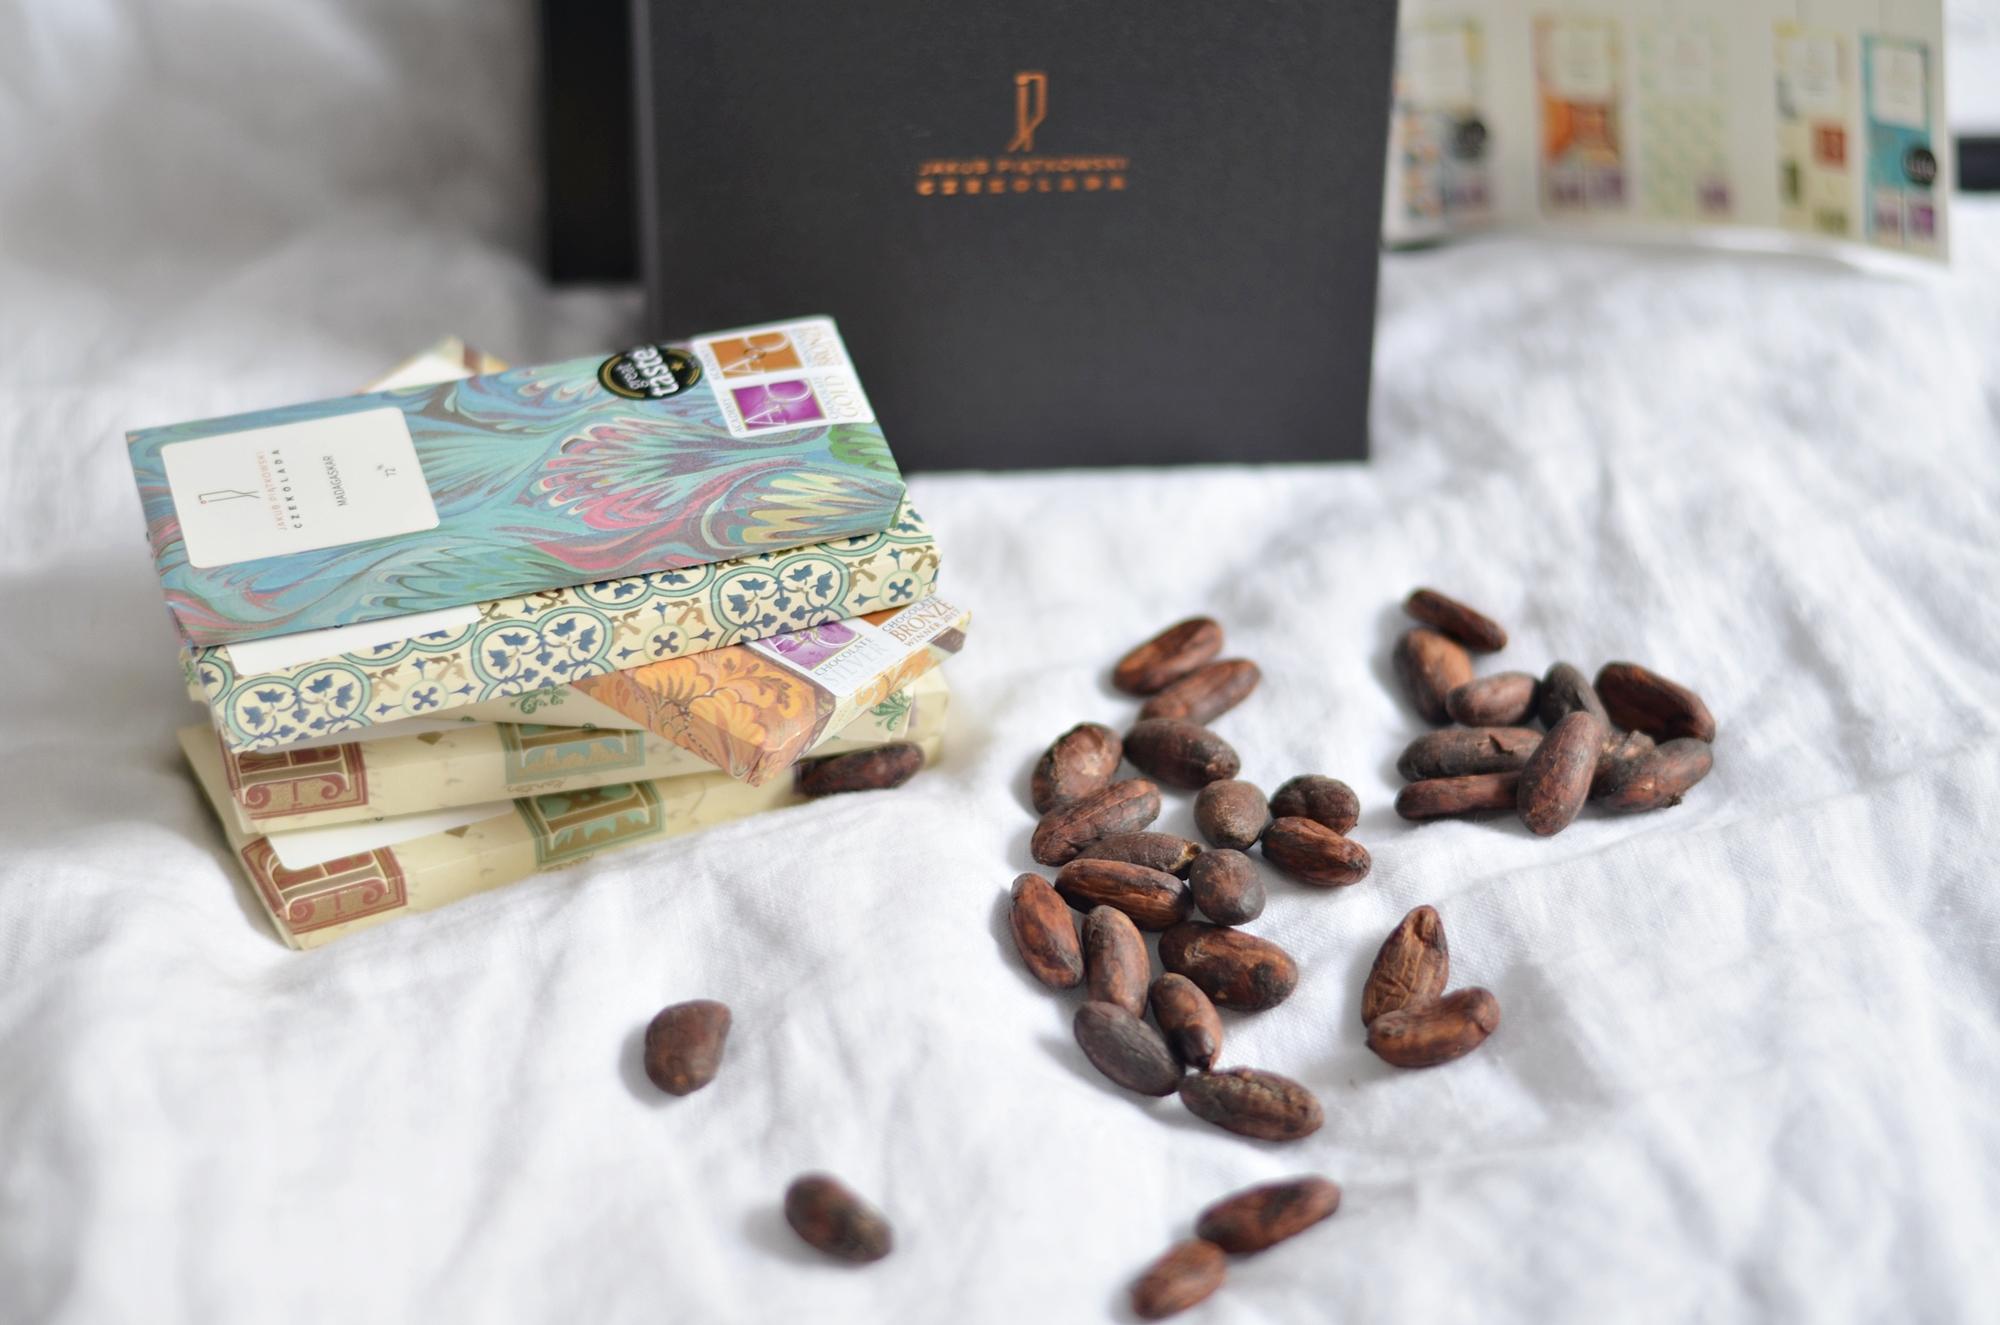 Wyjątkowa pracownia, prawdziwa czekolada. Jakub Piątkowski.